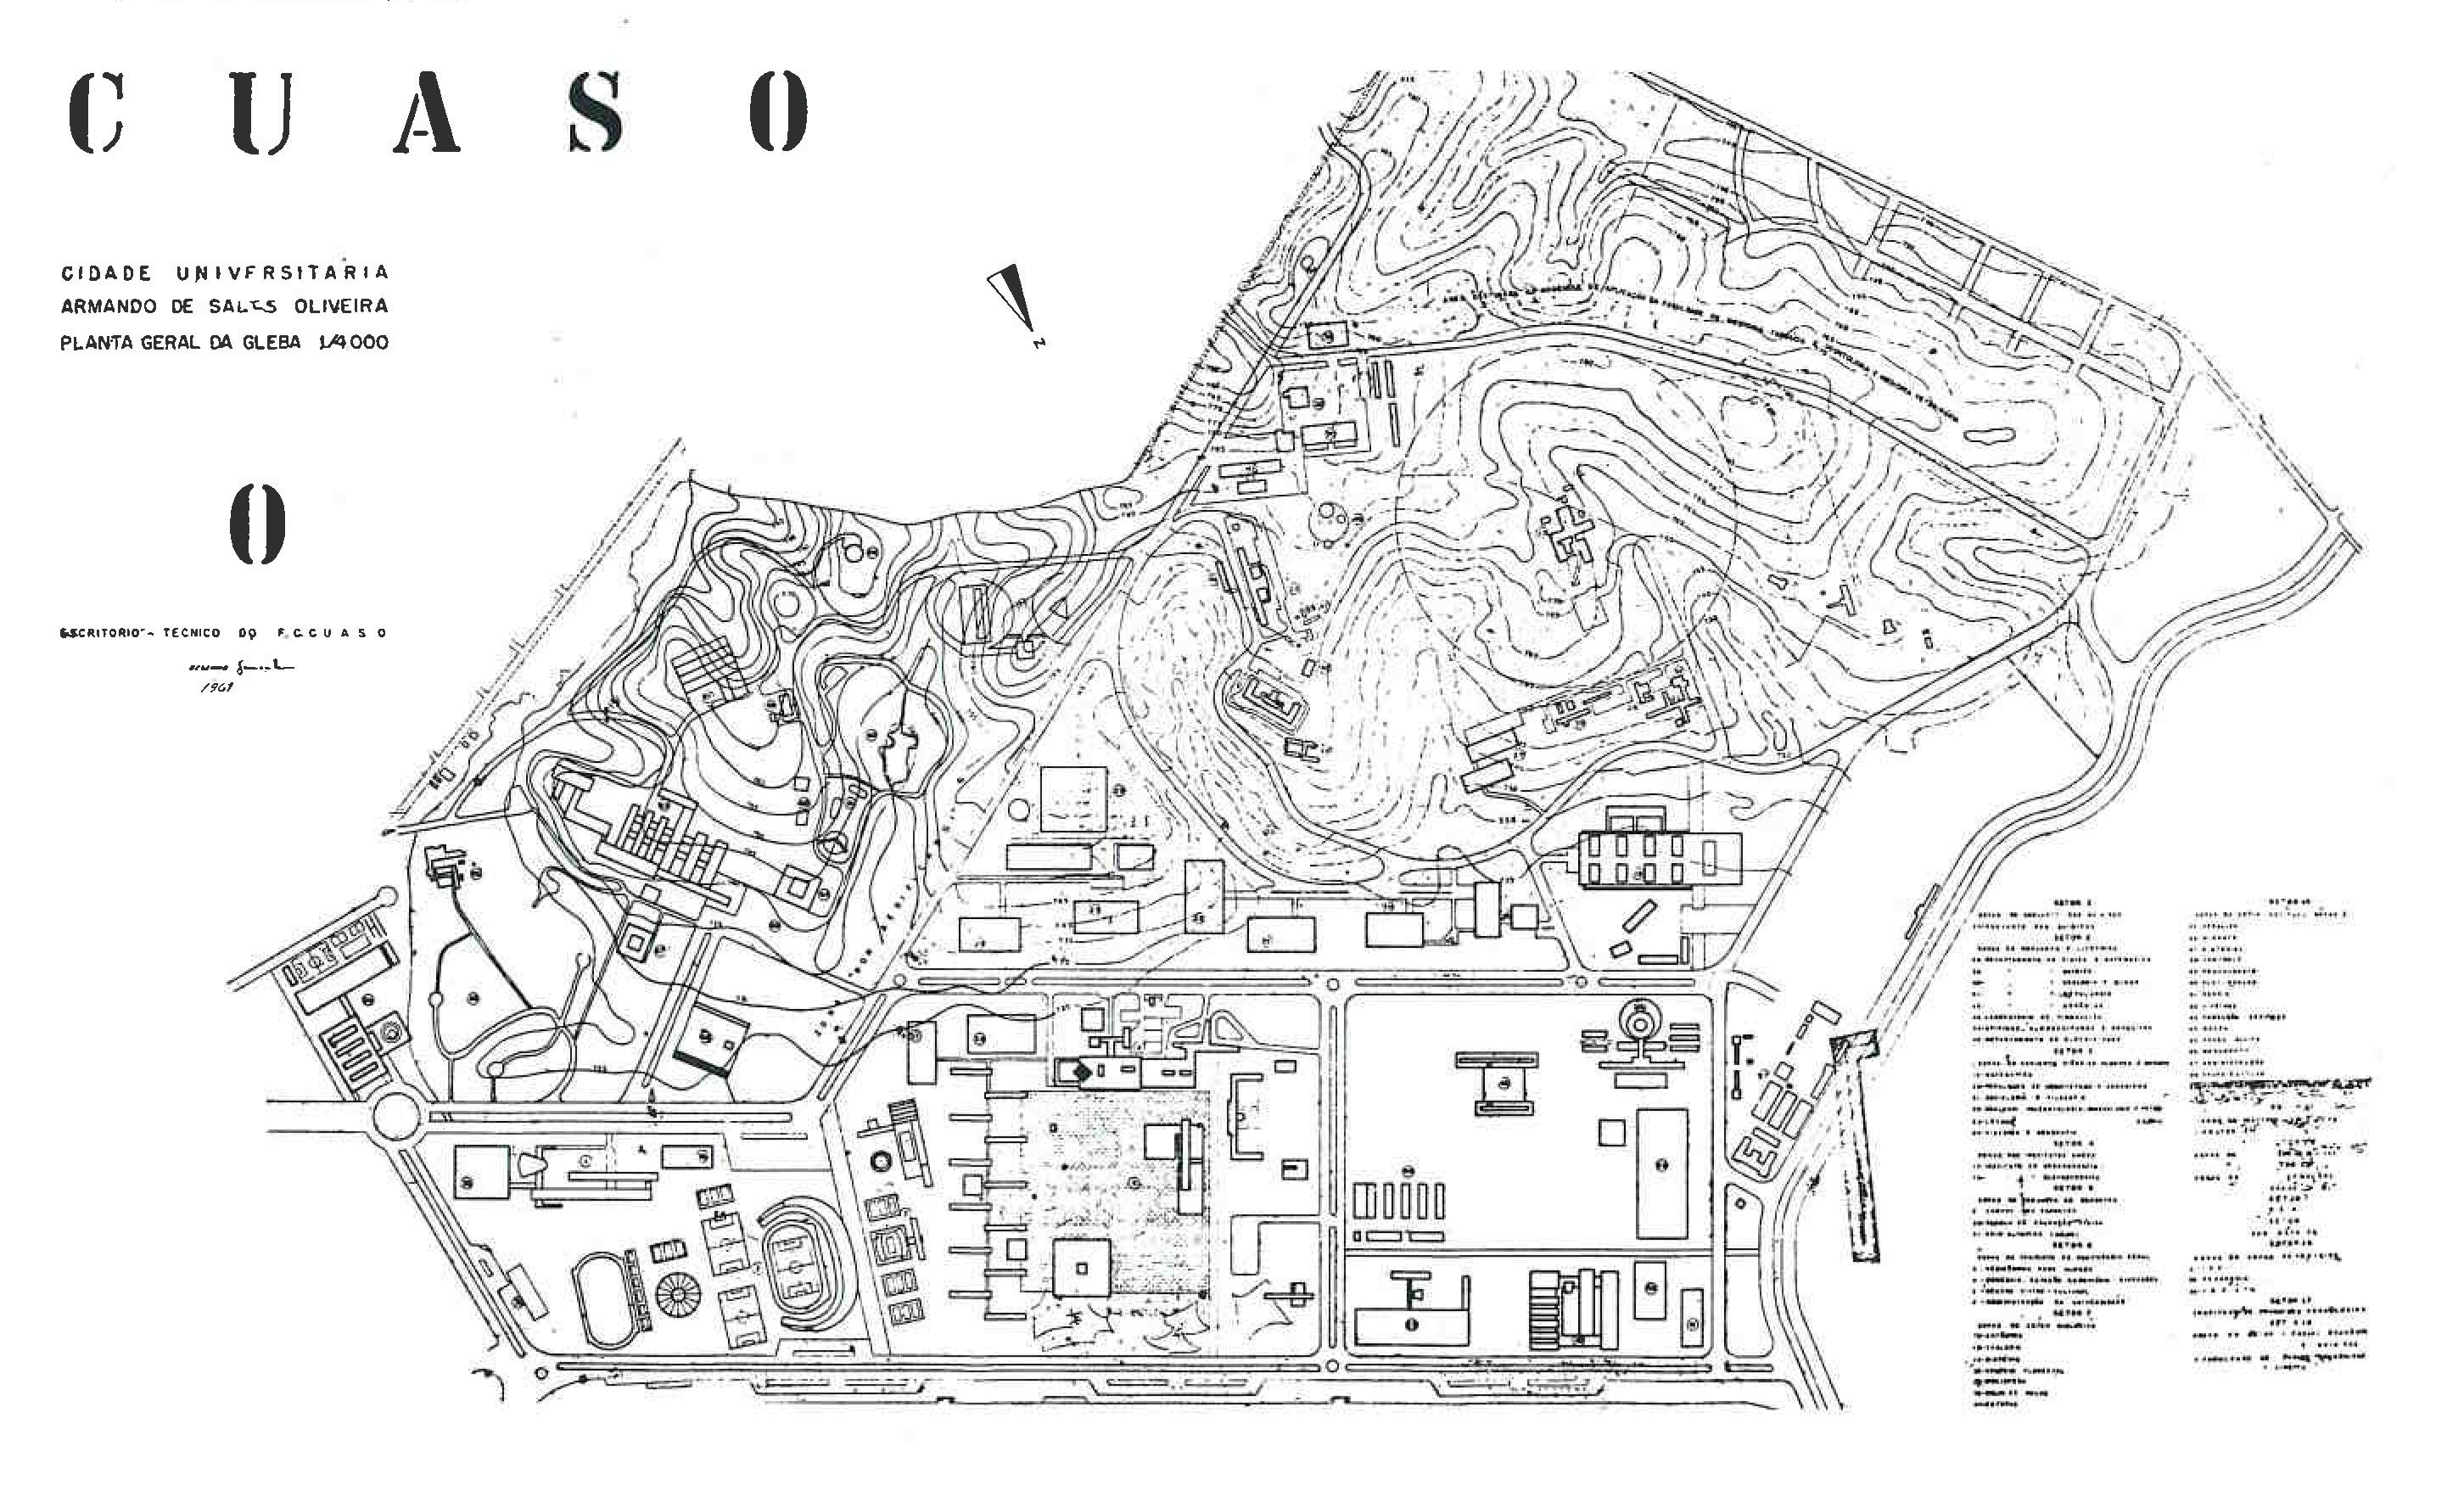 Planta CUASO (1962)